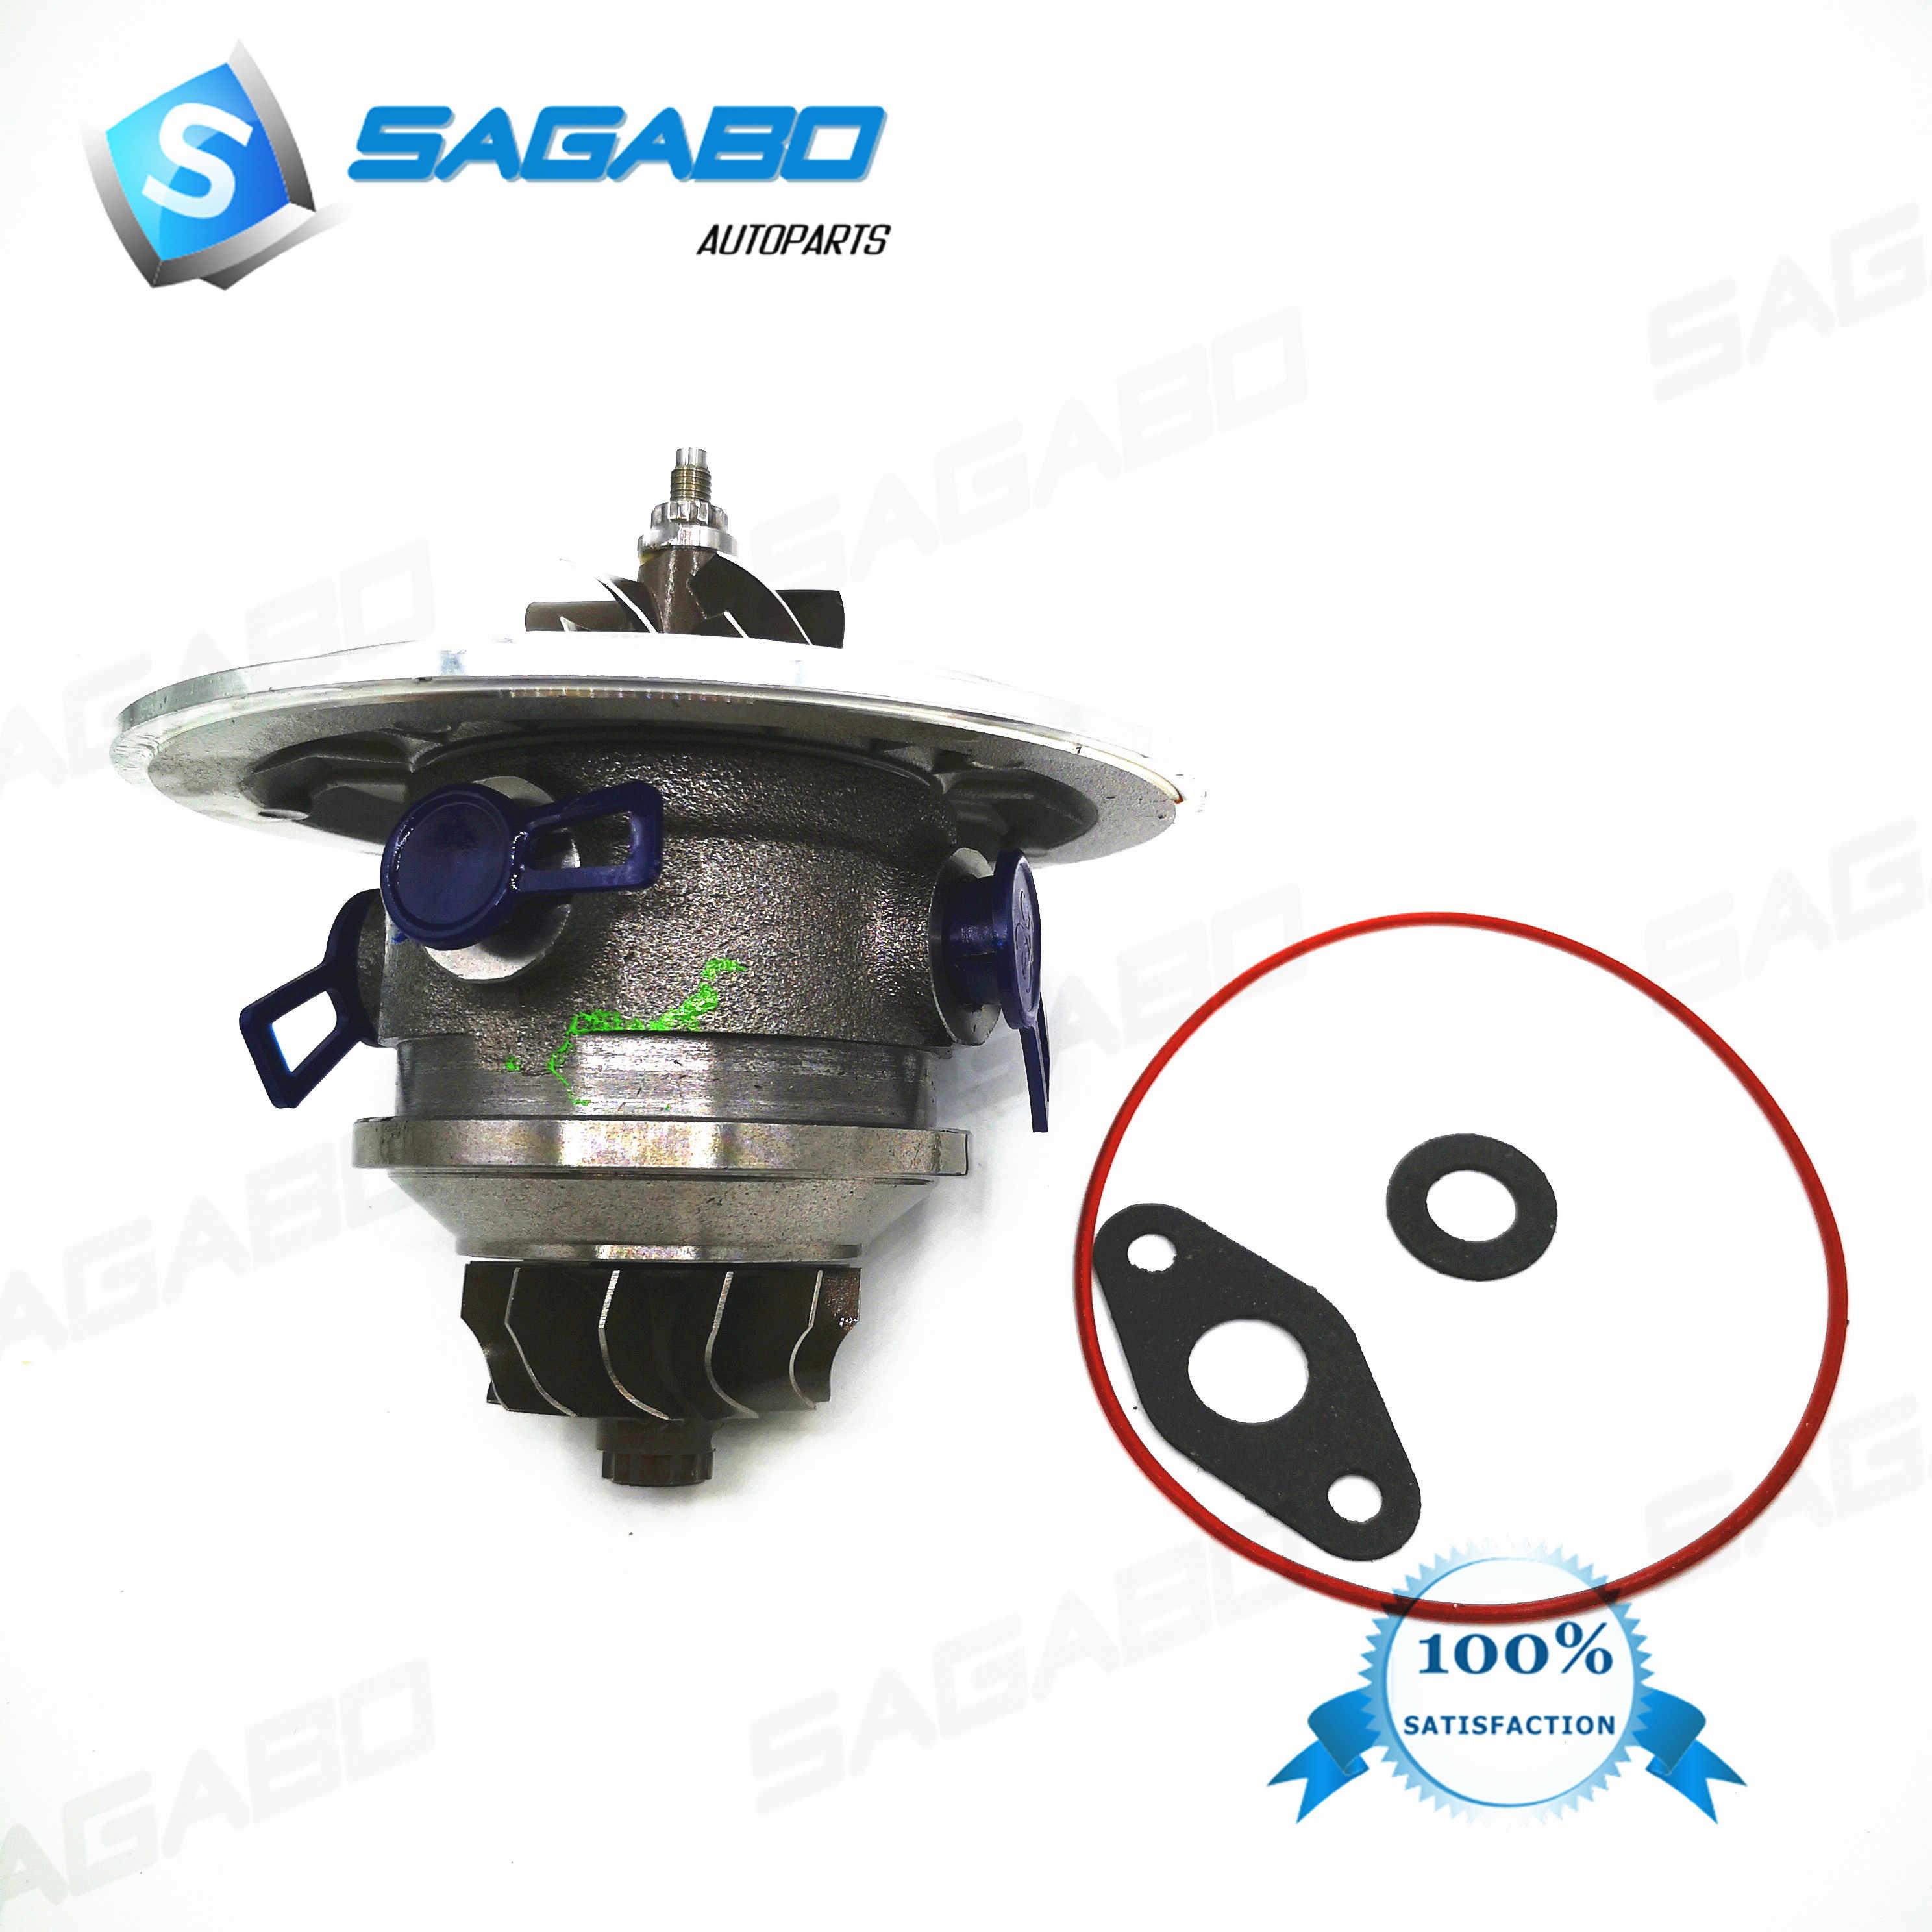 Cartouche 716938 28200-42560 GT1749S turbo chargeur core pour Hyundai H-1/Starex 2.5 L D4BH 4D56T 103 kw 140 ch-